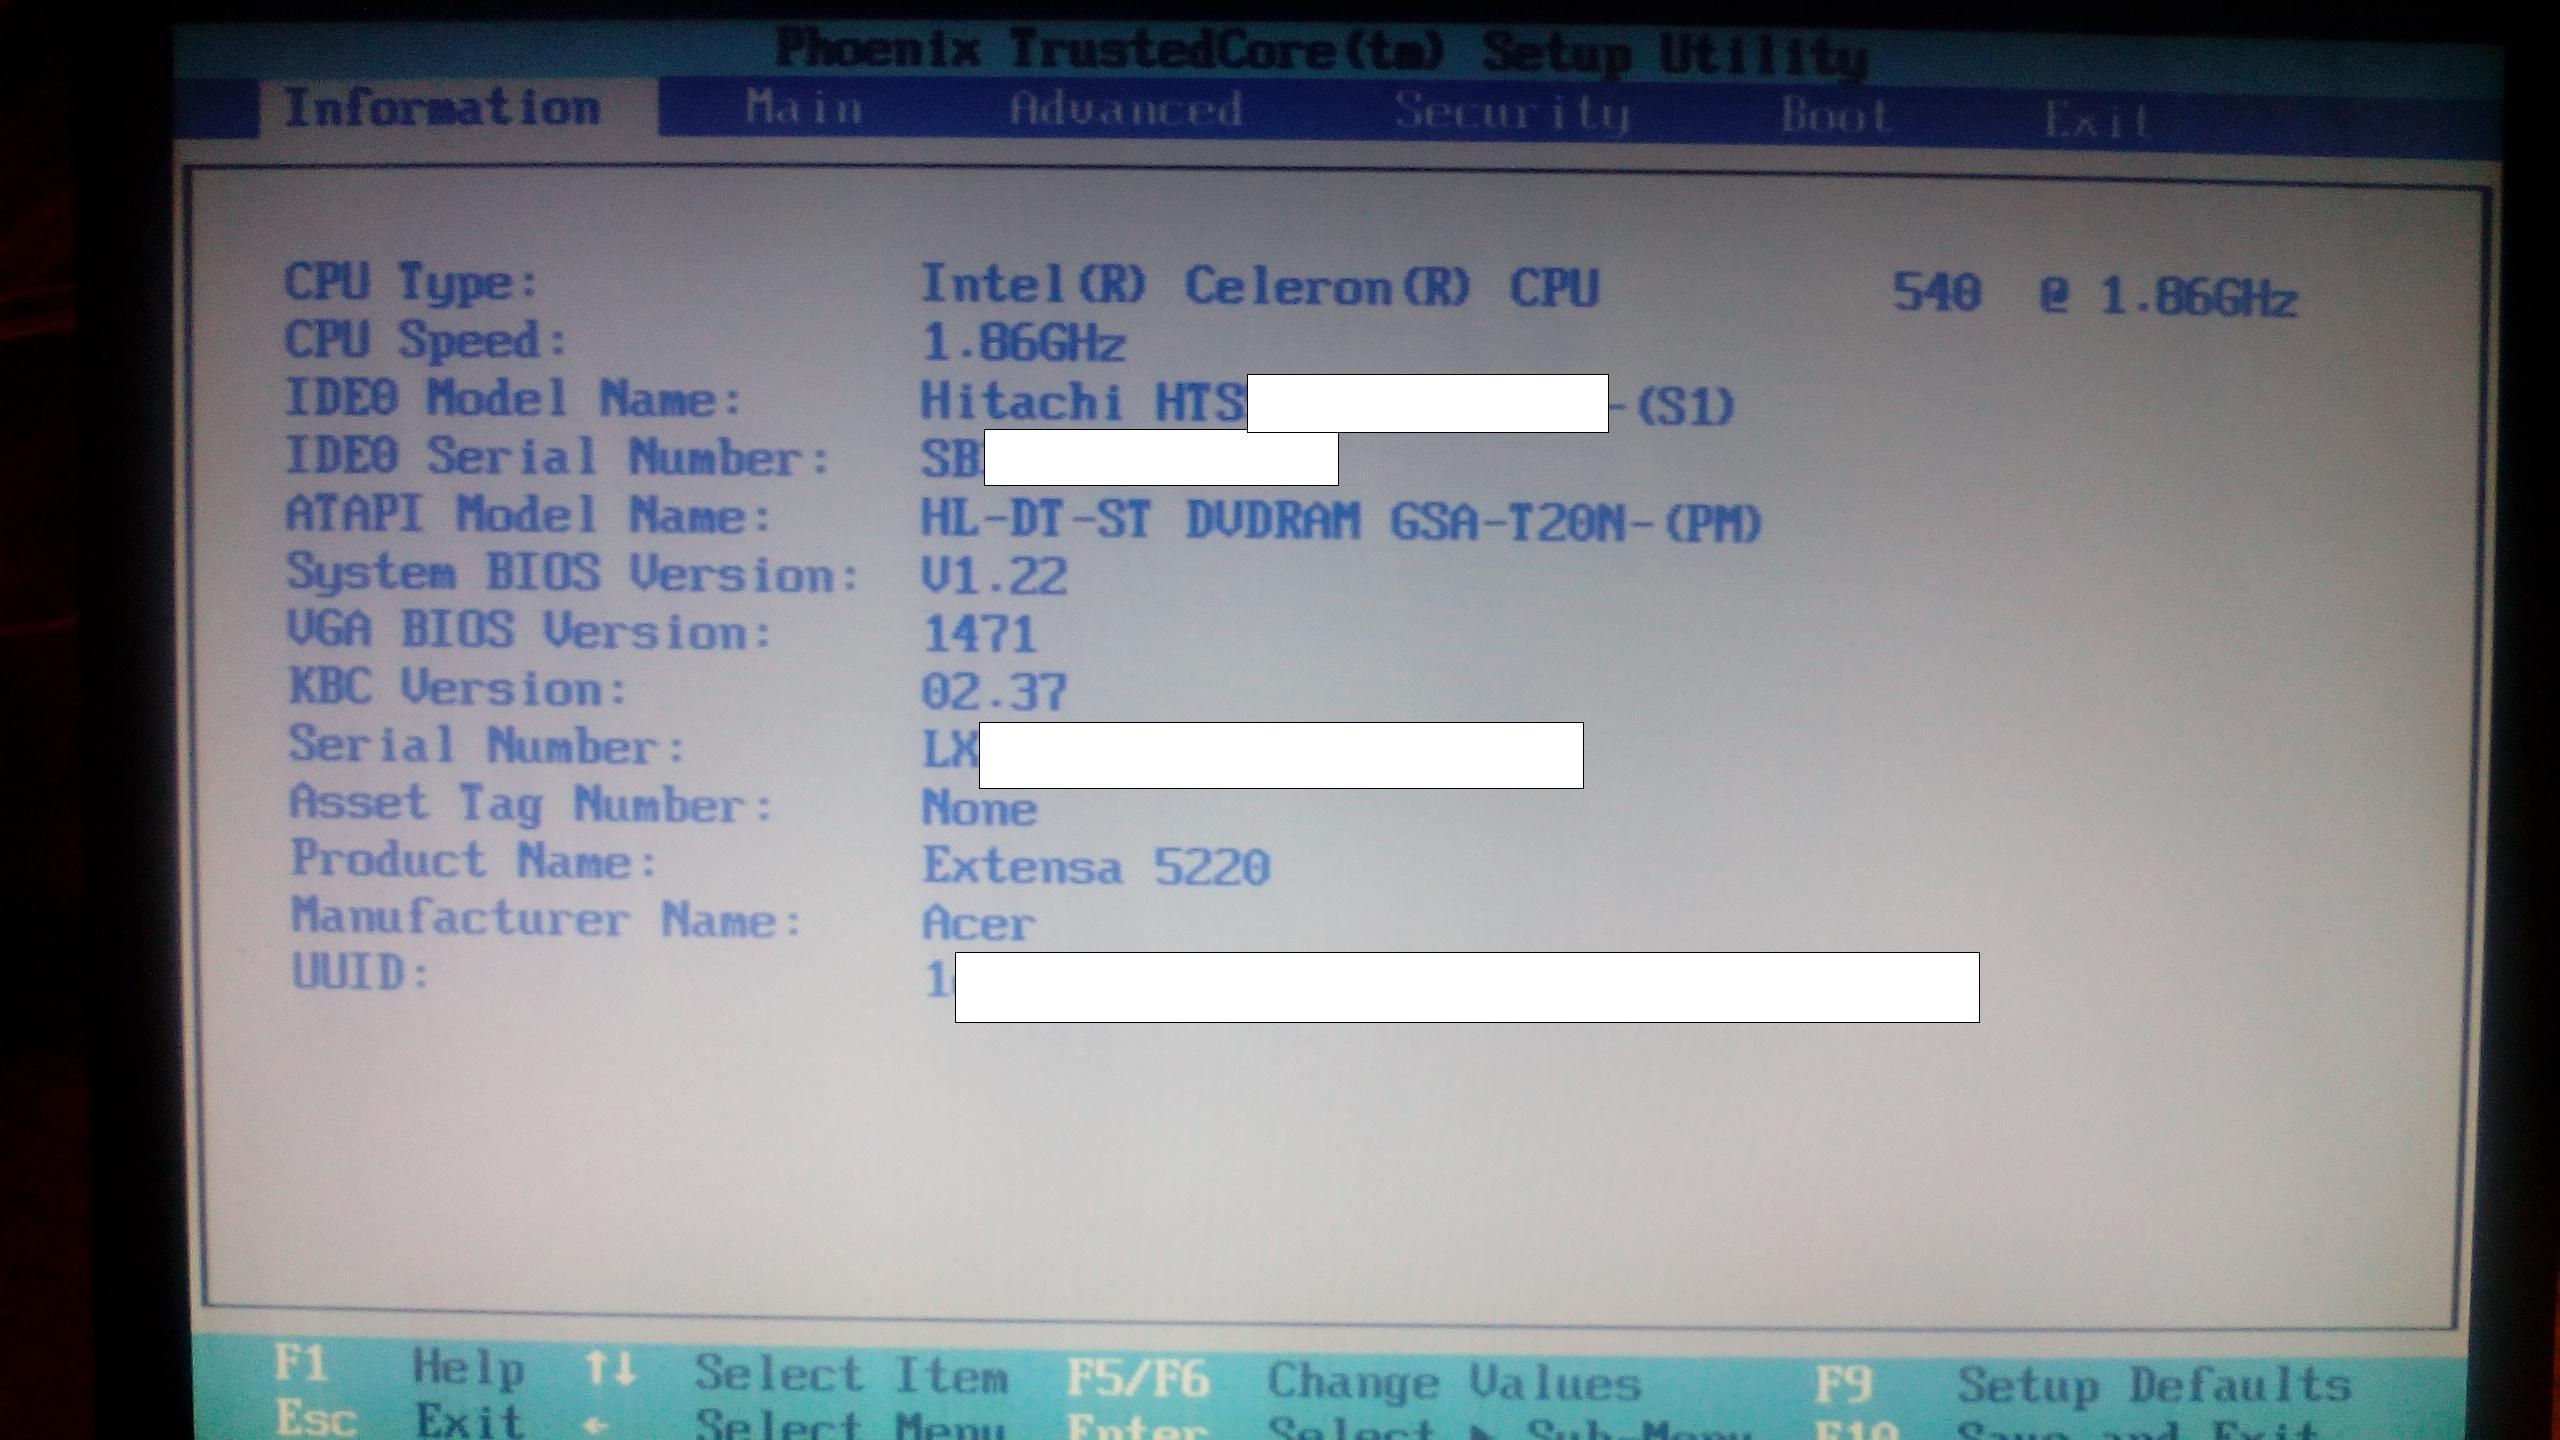 Podkr�cenie procesora intel celeron w laptopie?